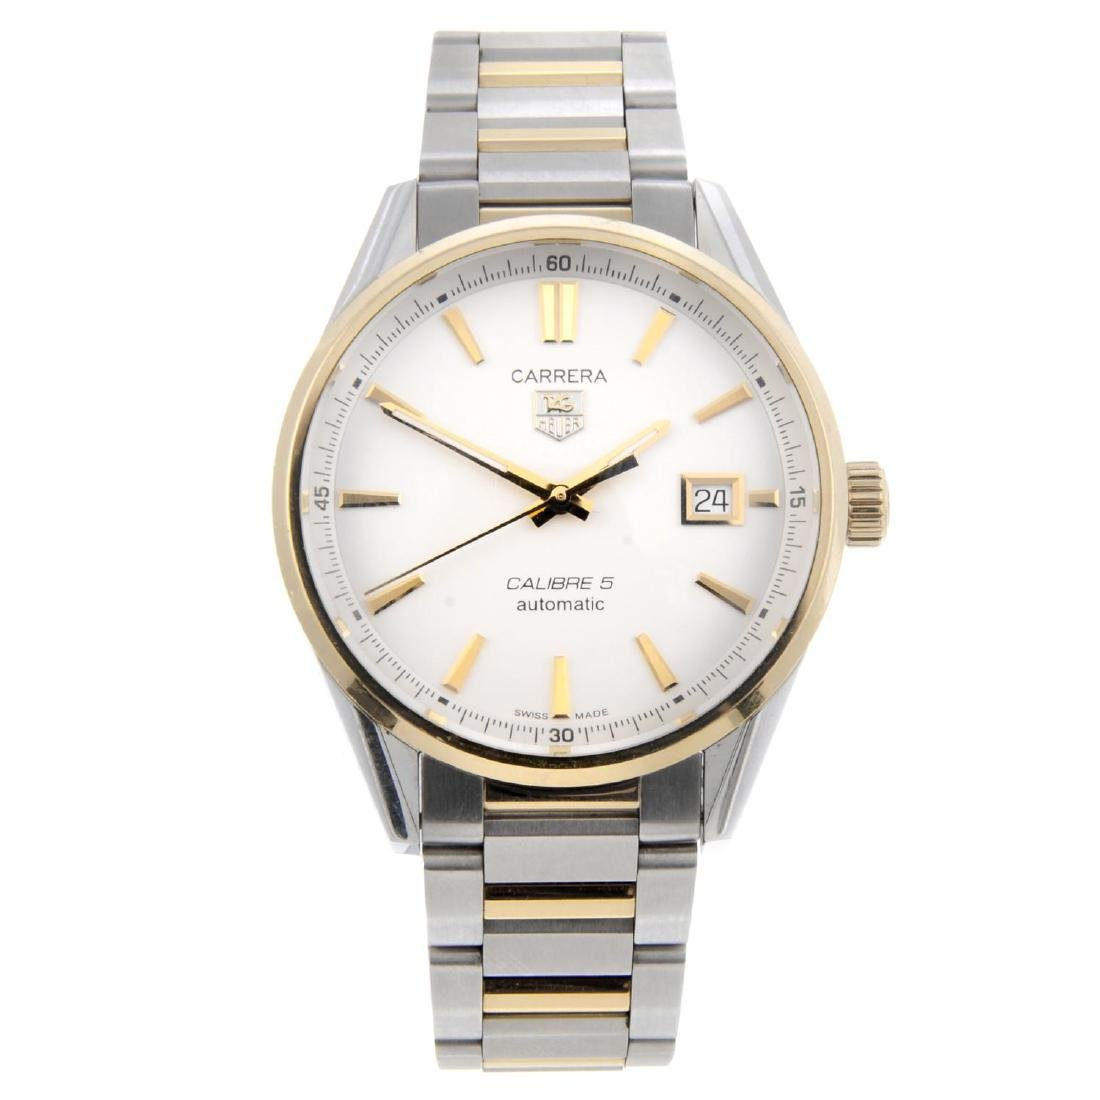 TAG HEUER - a gentleman's Carrera Calibre 5 bracelet